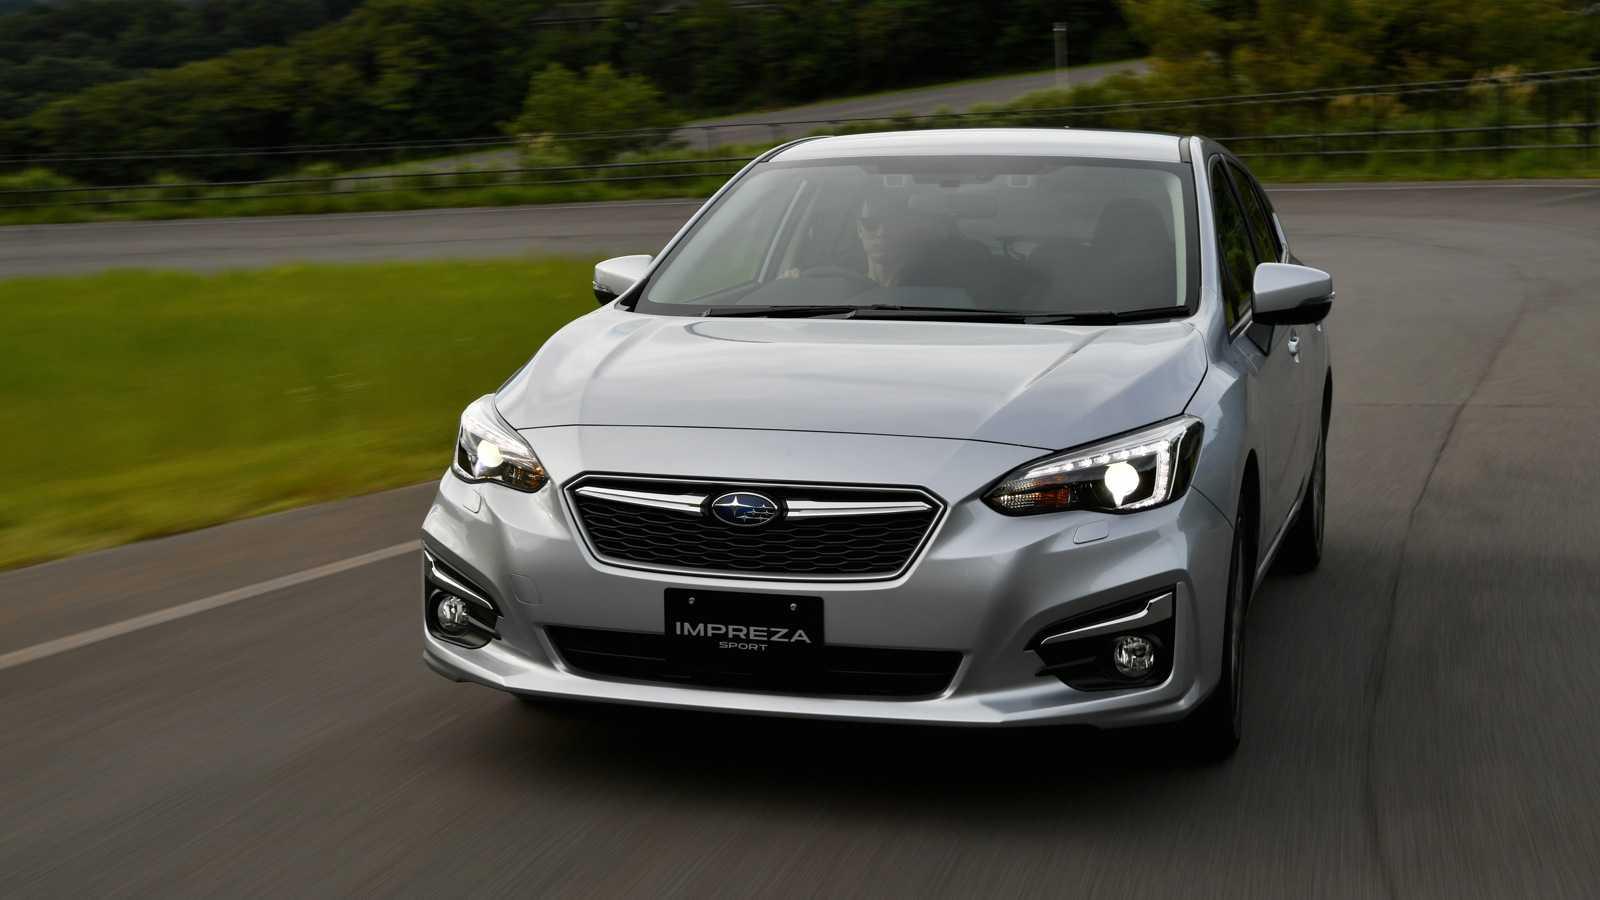 Chiec xe an toan nhat Subaru Impreza 2017 gia 428 trieu dong co gi hap dan? hinh anh 2